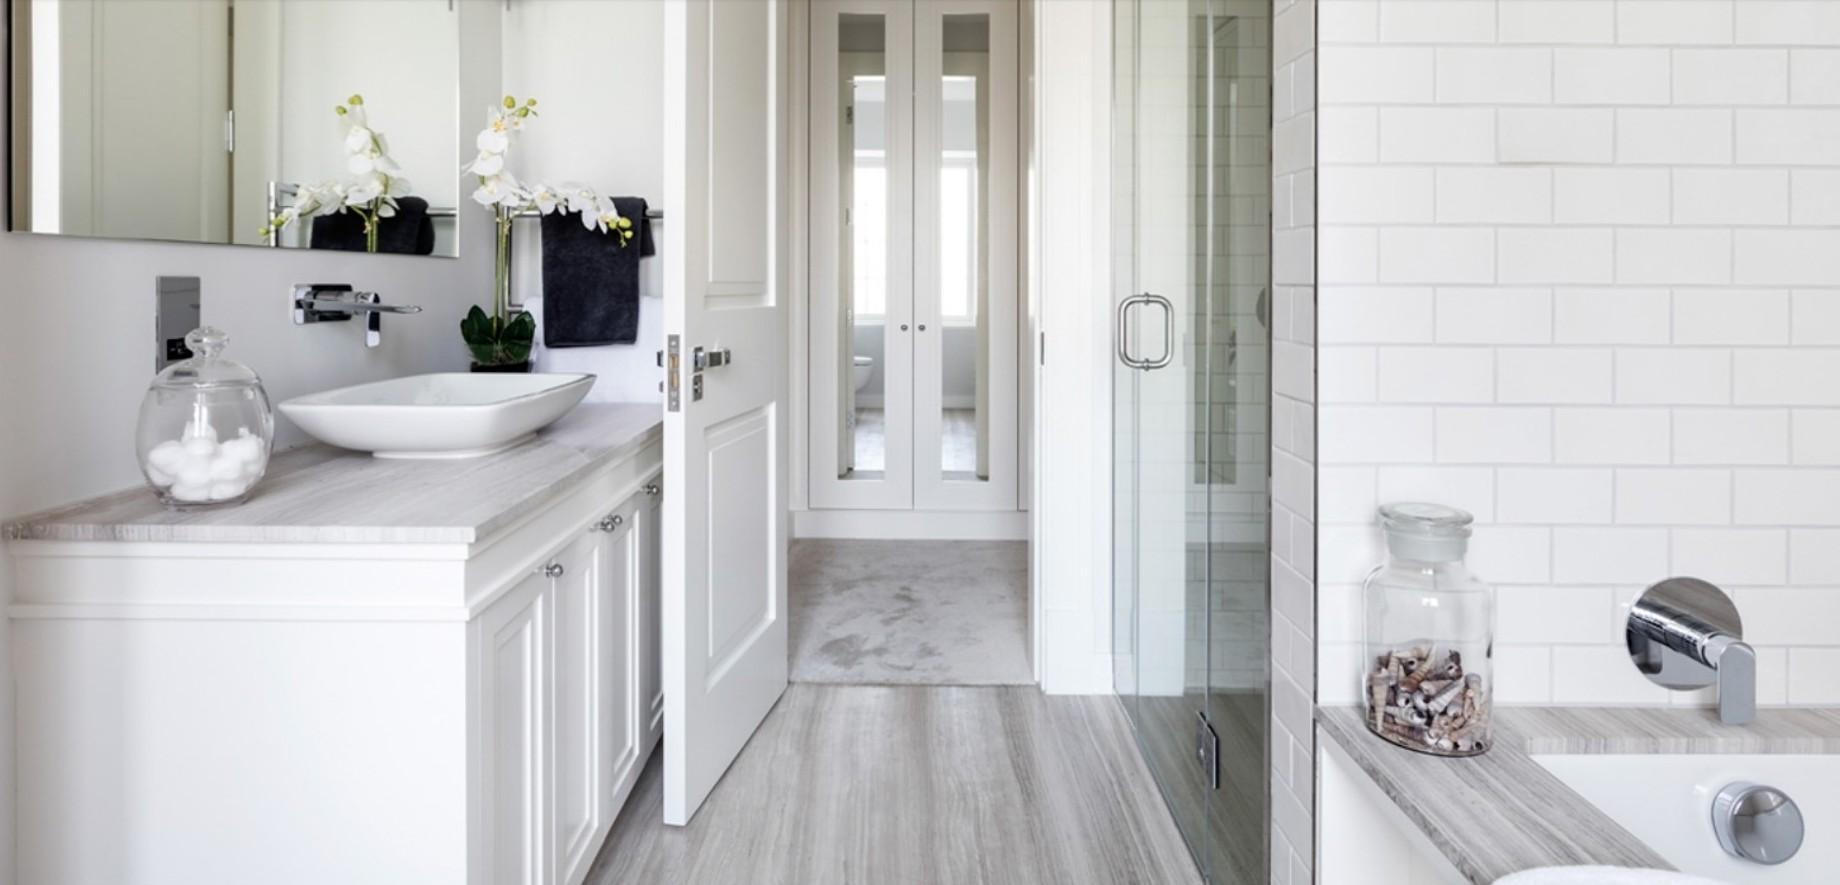 Laurel Grove bathroom 2.jpg